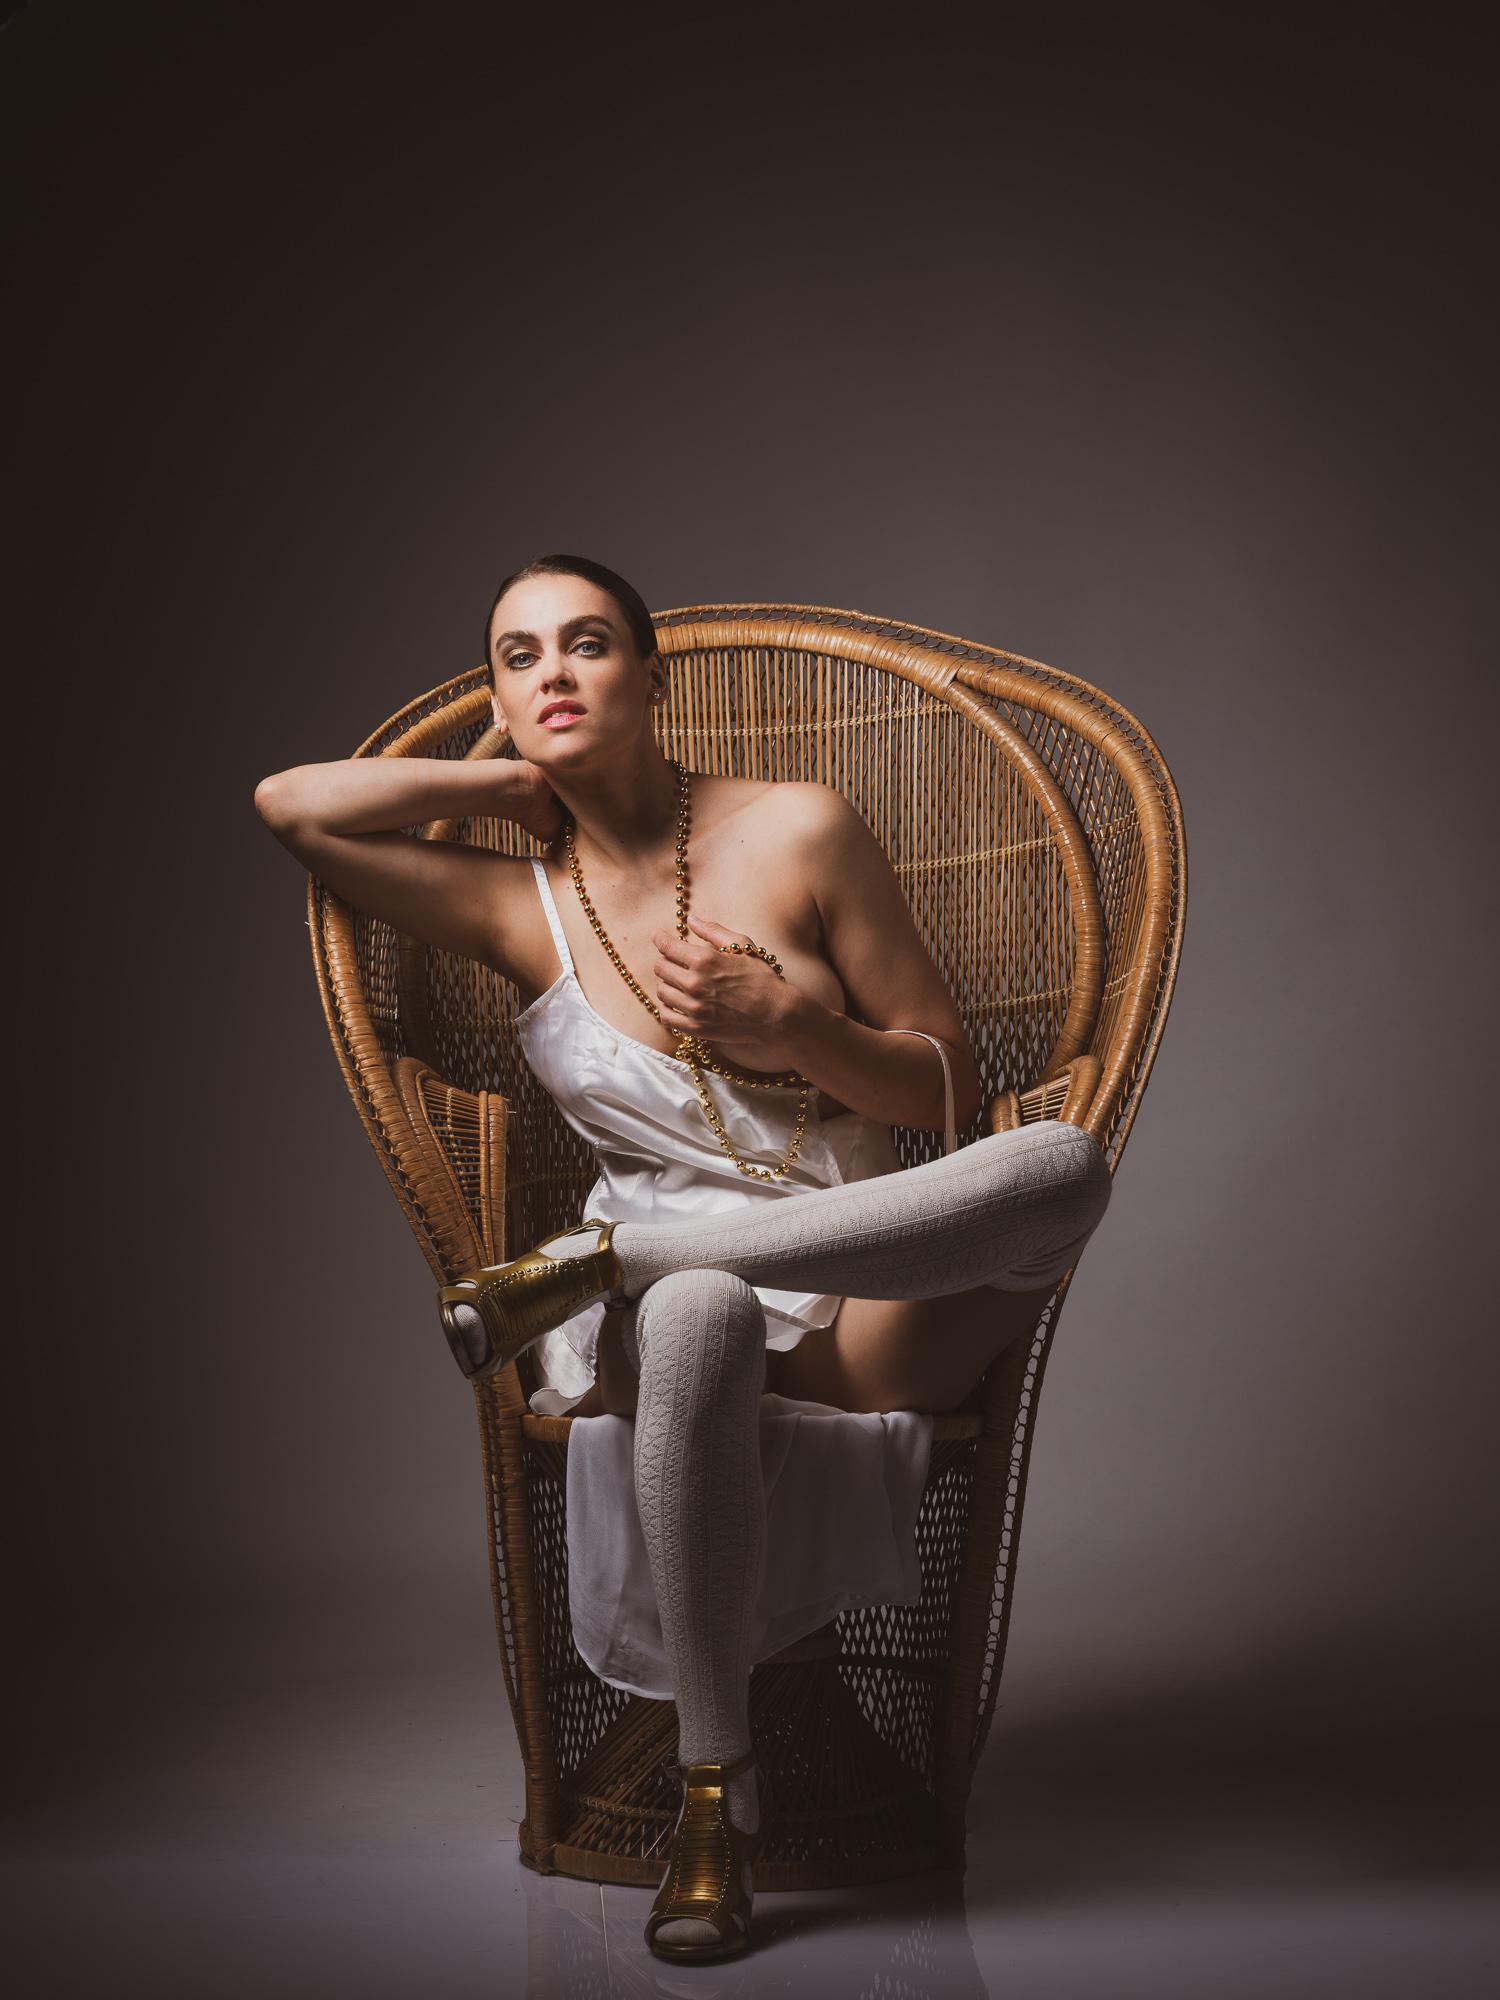 Nina Burri Emmanuelle Remake by STEMUTZ, Fribourg, 11.08.2020